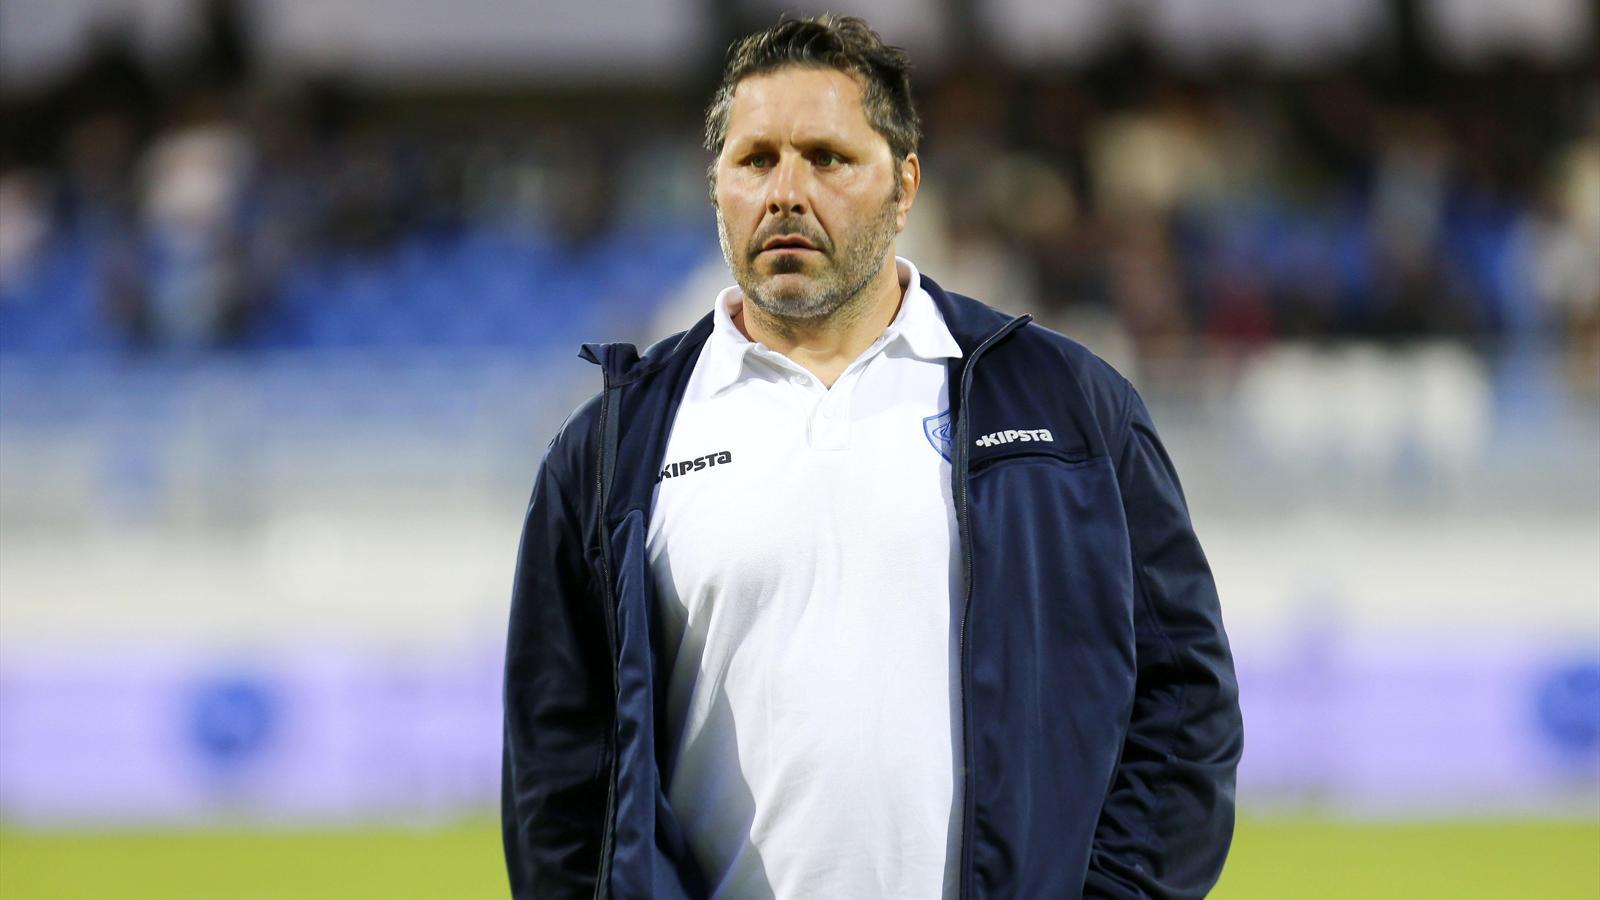 Mauricio Reggiardo (Albi) sous ses anciennes couleurs de Castres - avril 2015